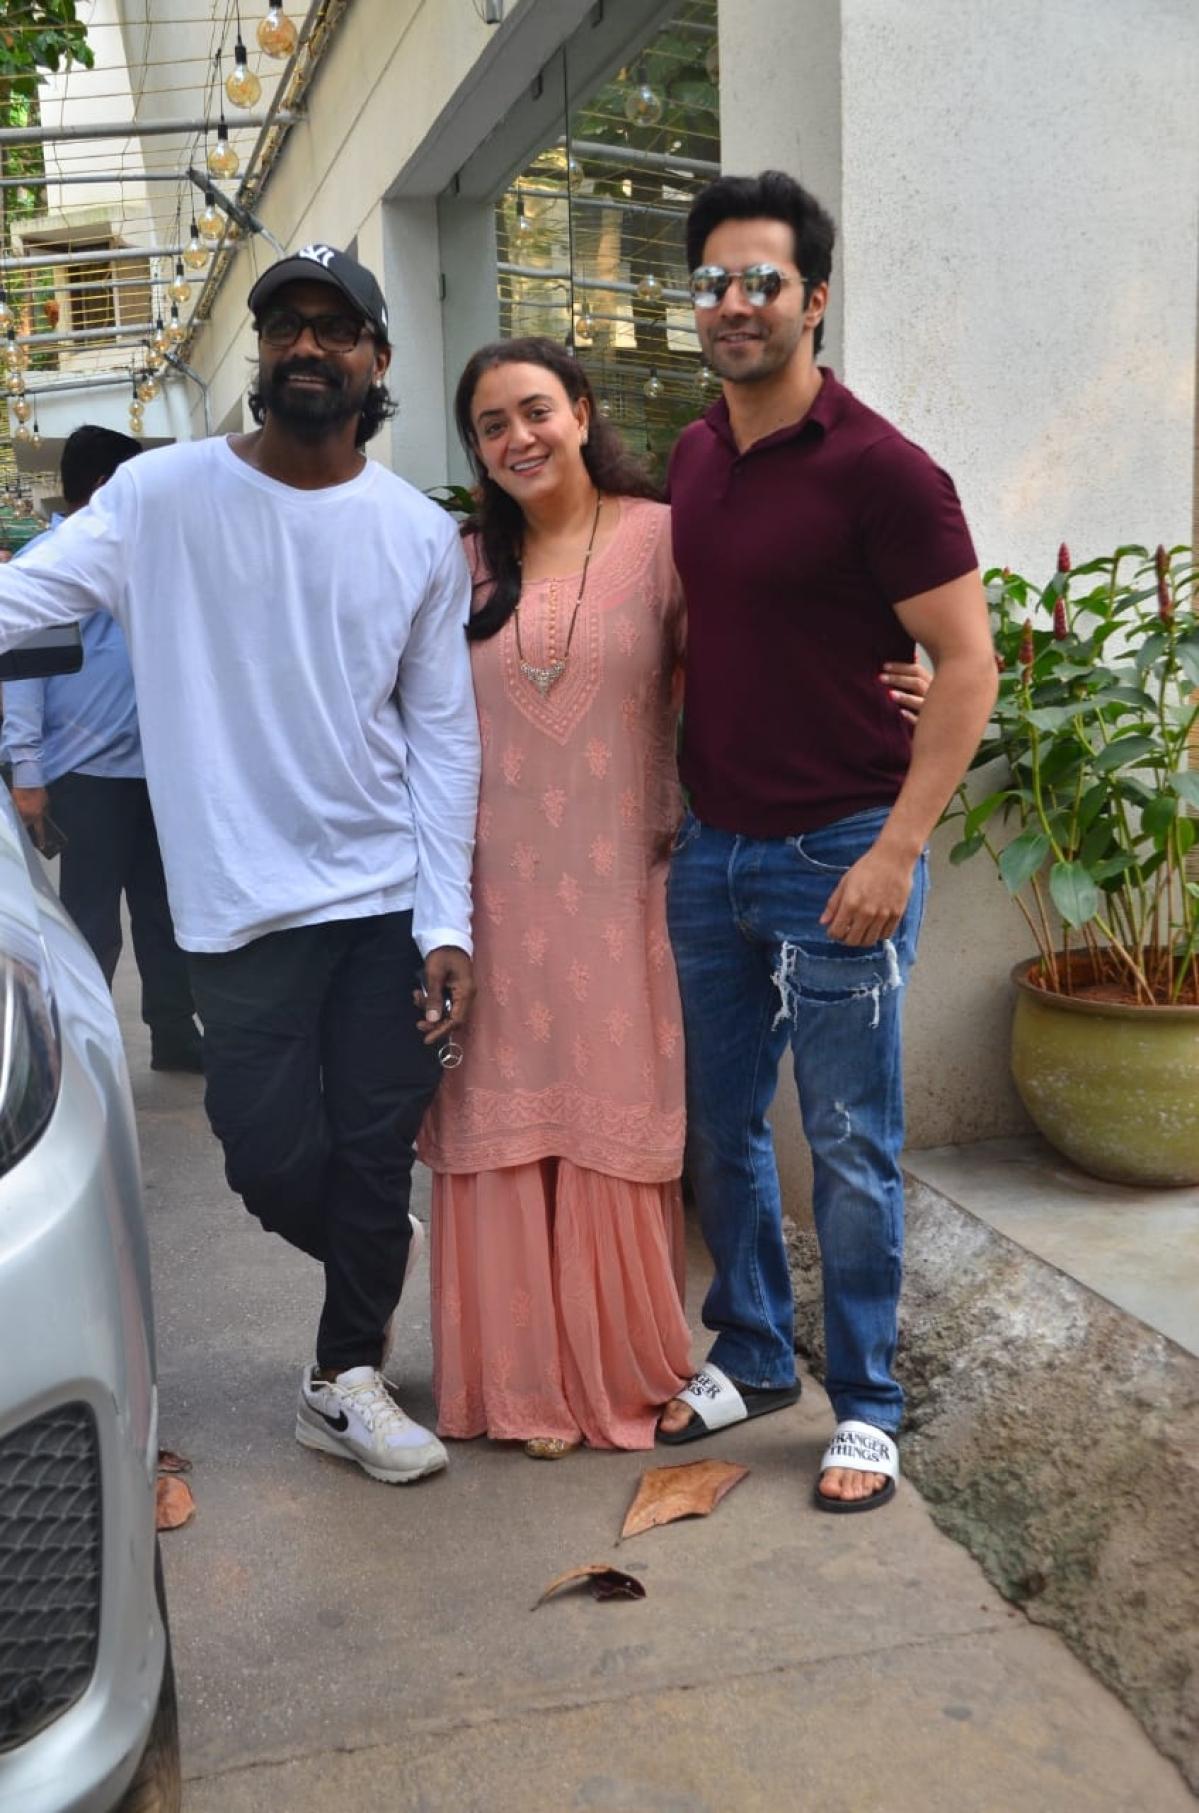 Varun Dhawan and Ananya Panday snap at dubbing studio in Juhu